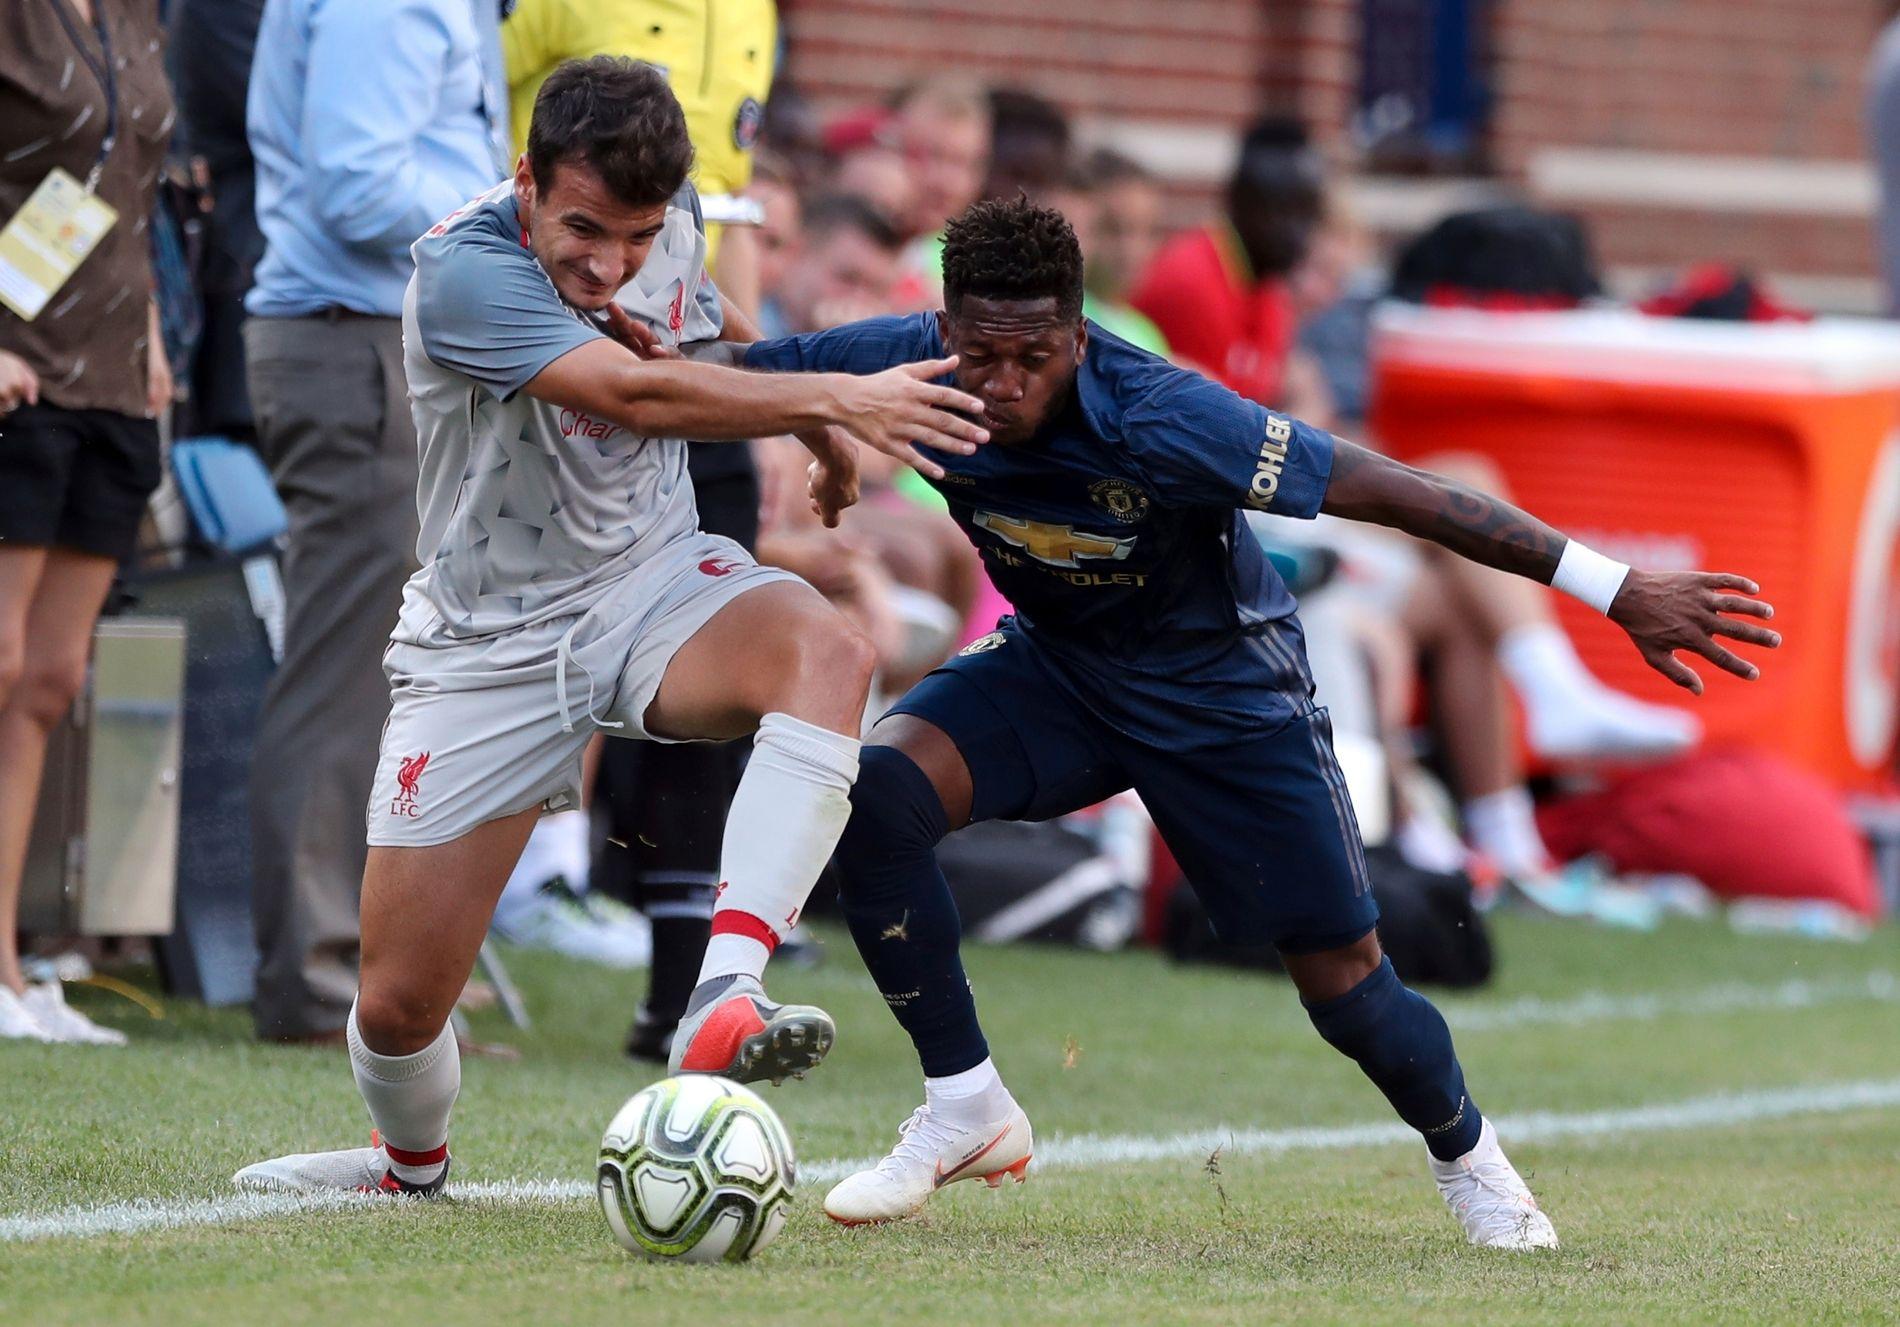 CHIRIVELLA MOT FRED: Nei, ikke mot konseptet Fred, men i duell mot fotballspilleren Fred. Her fra treningskampen mellom Liverpool og Manchester United natt til søndag.